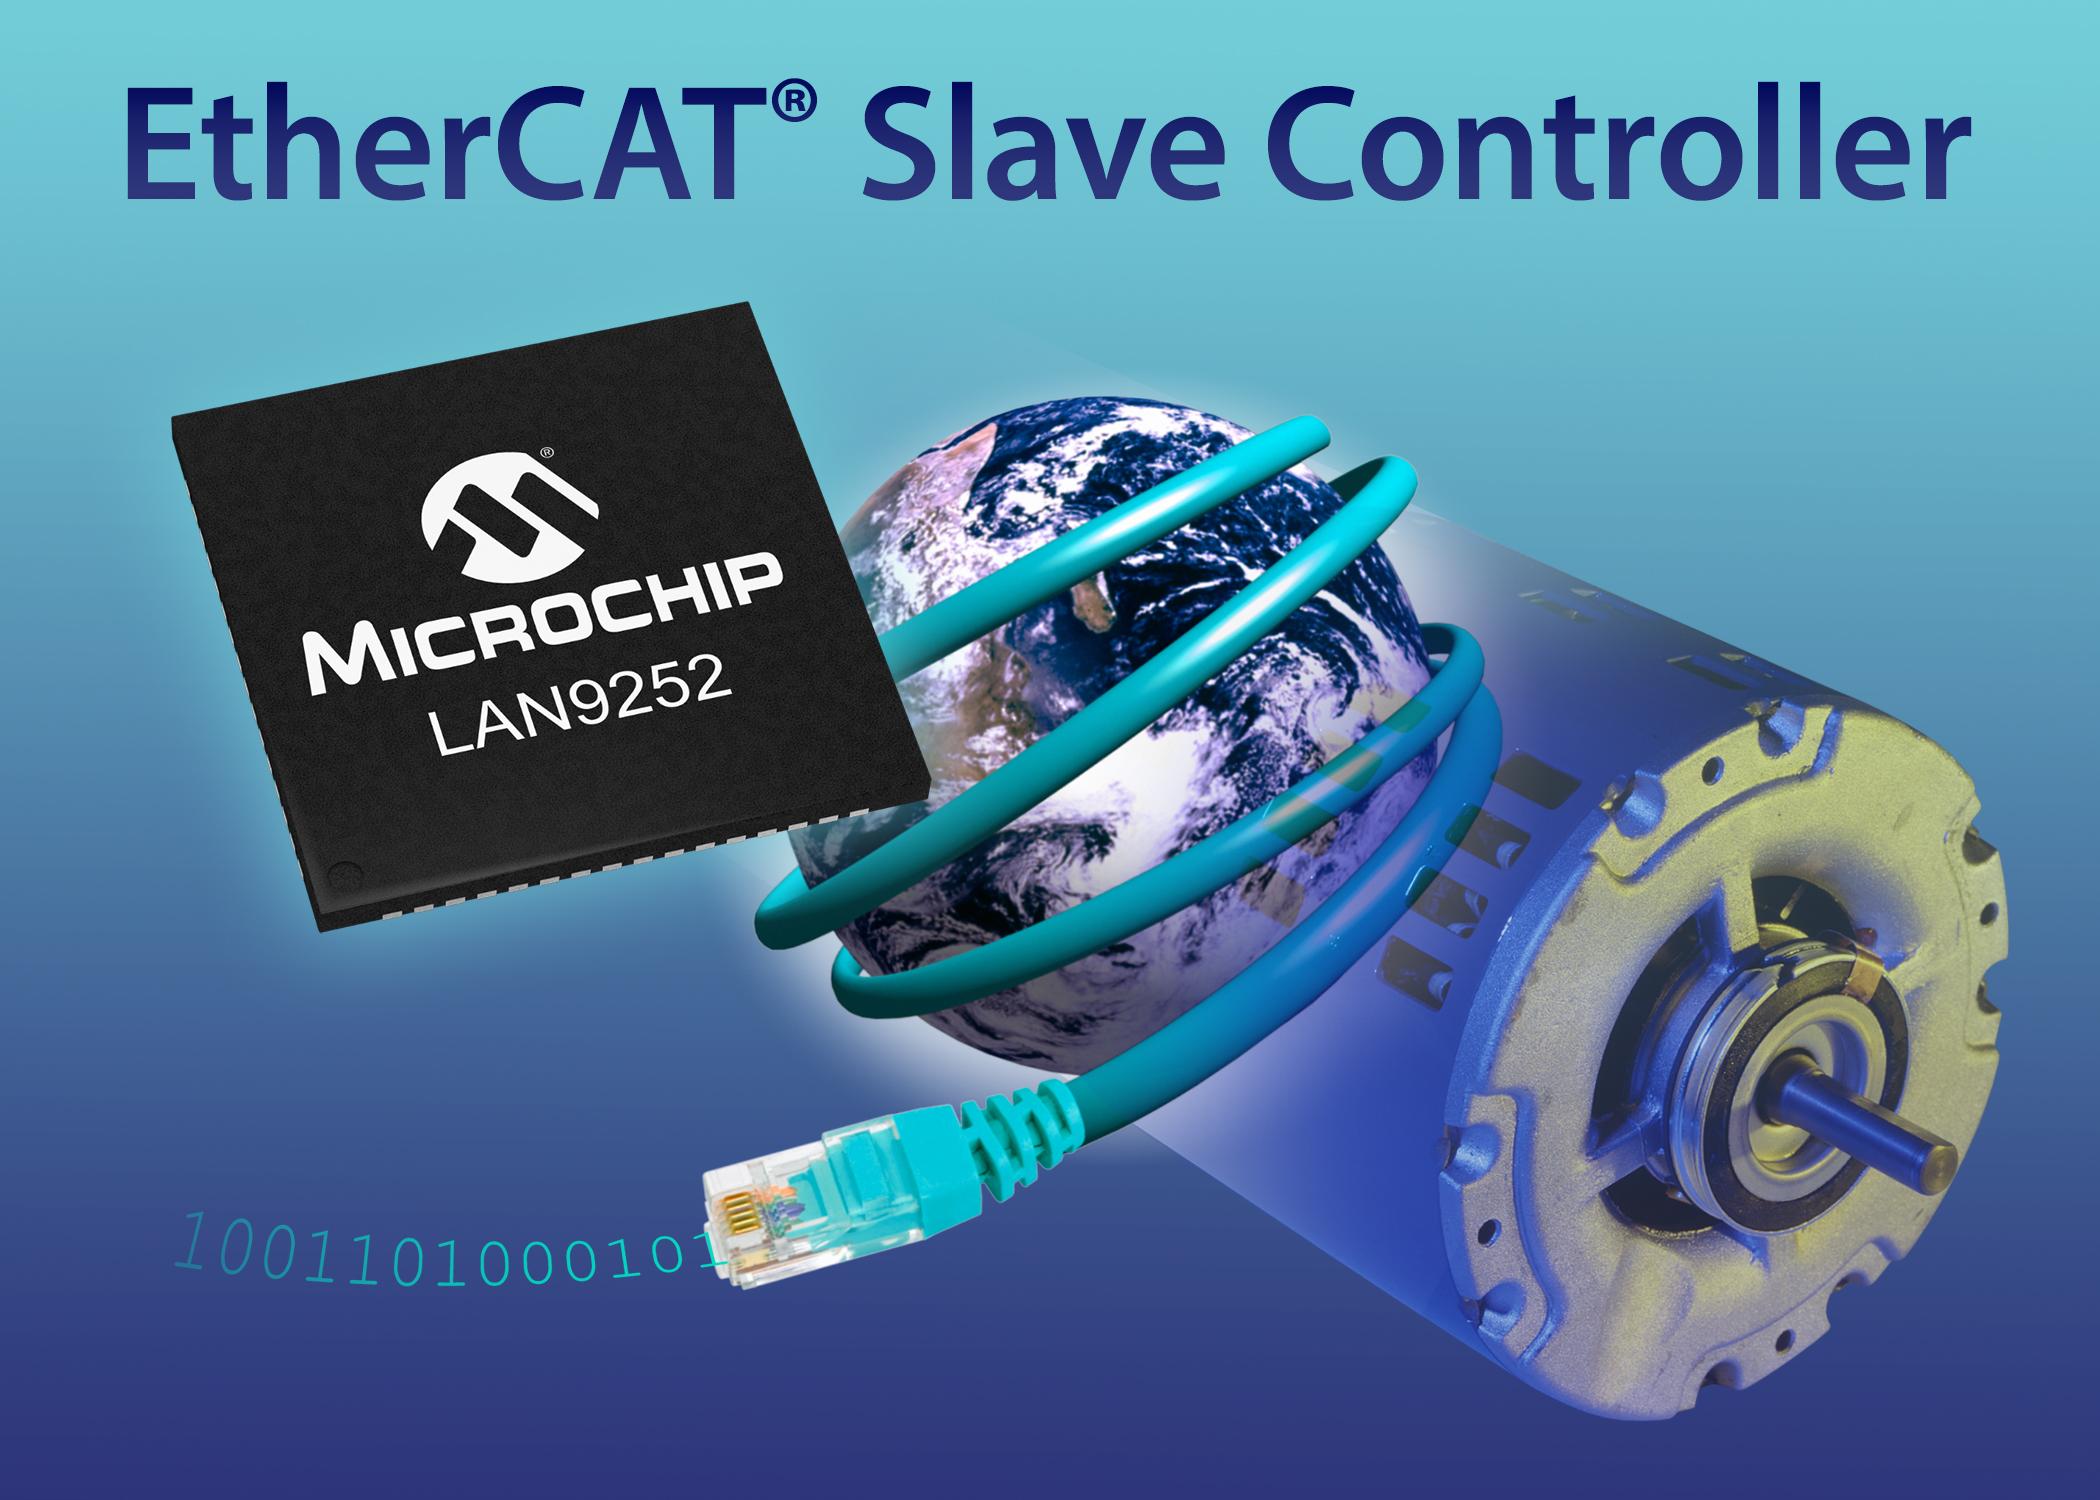 Microchip推出集成PHY的新型EtherCAT從屬控制器,助力工業以太網與物聯網應用